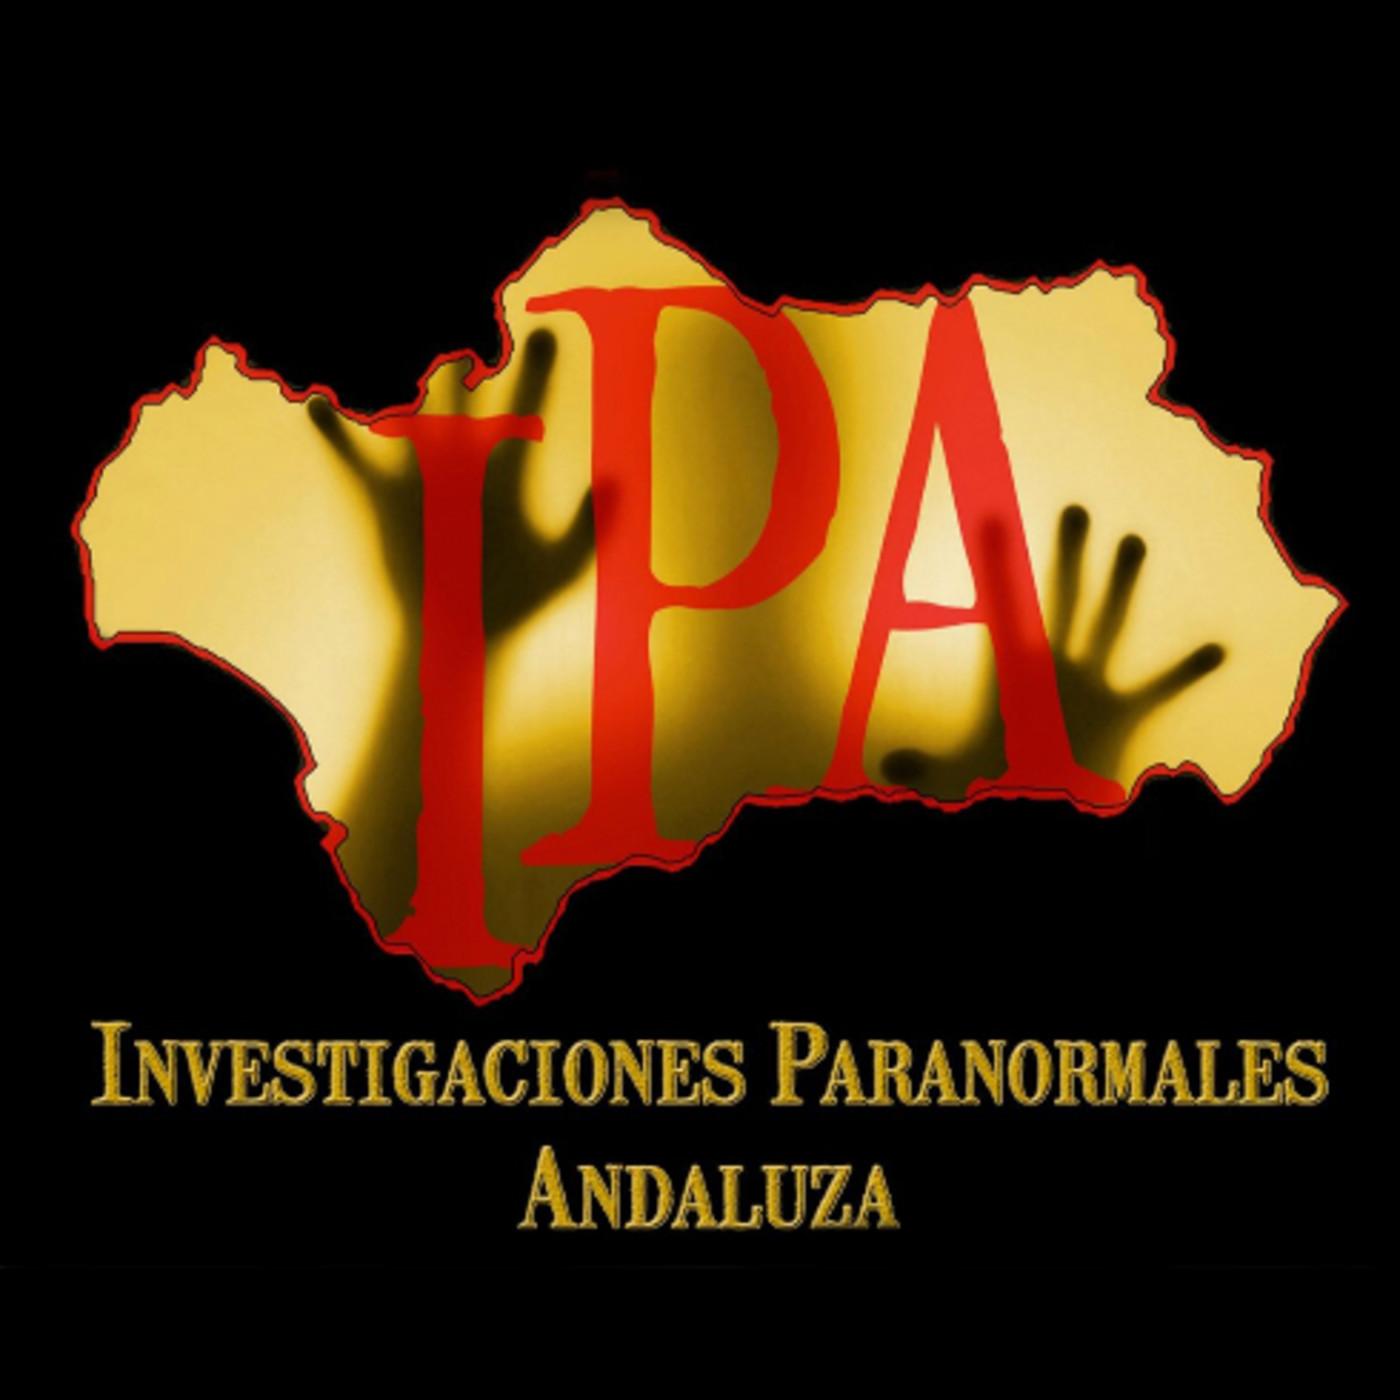 """Entrevista a Grupo IPA en Radio 4G metroradio - """"MISTERIO EN RED"""" (Seminario de los Ángeles)"""